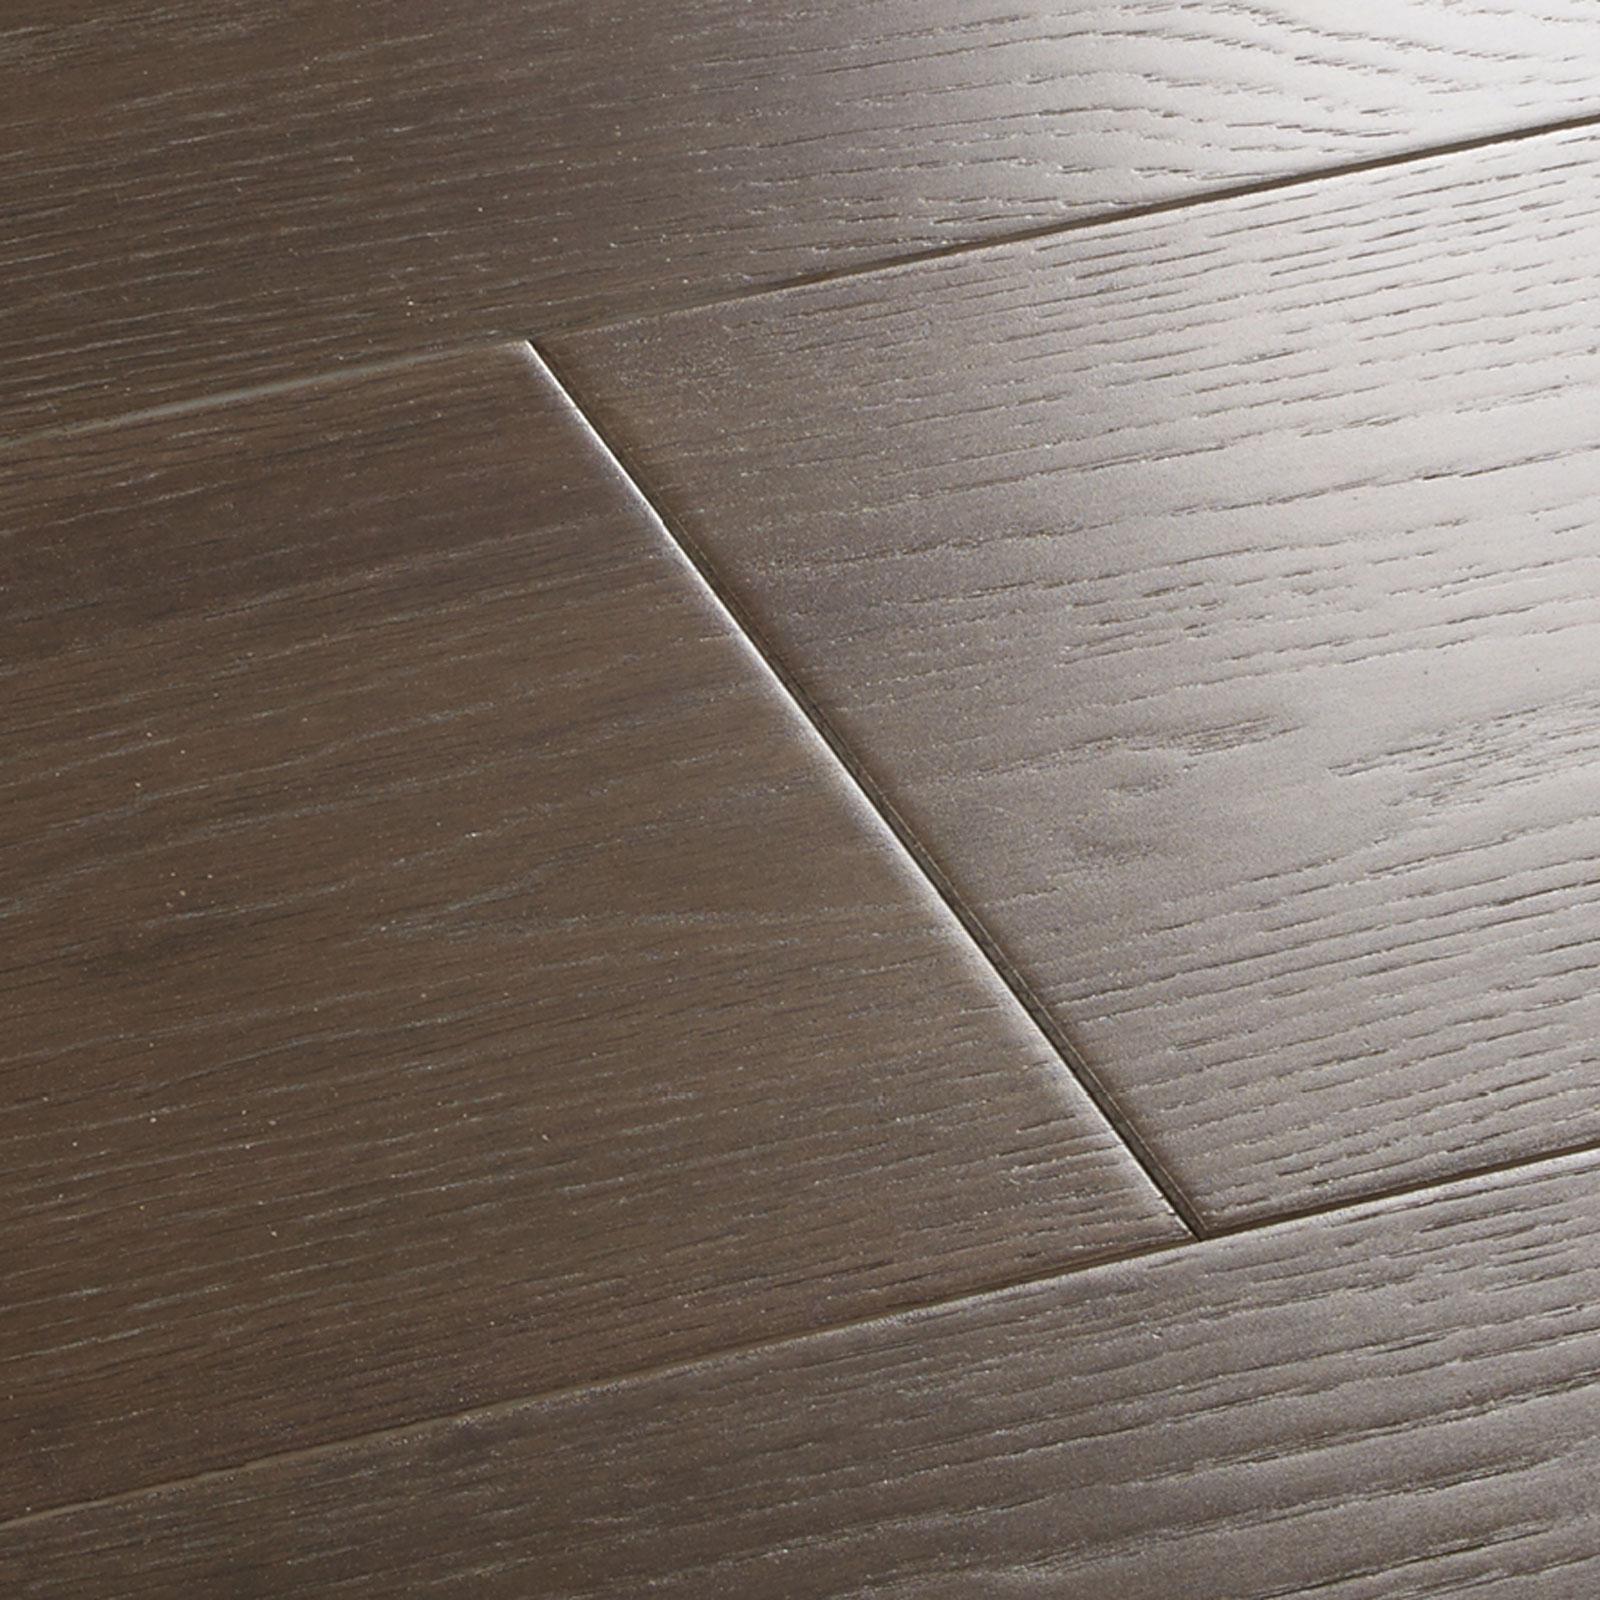 swatch-cropped-salcombe-shadow-oak-1600